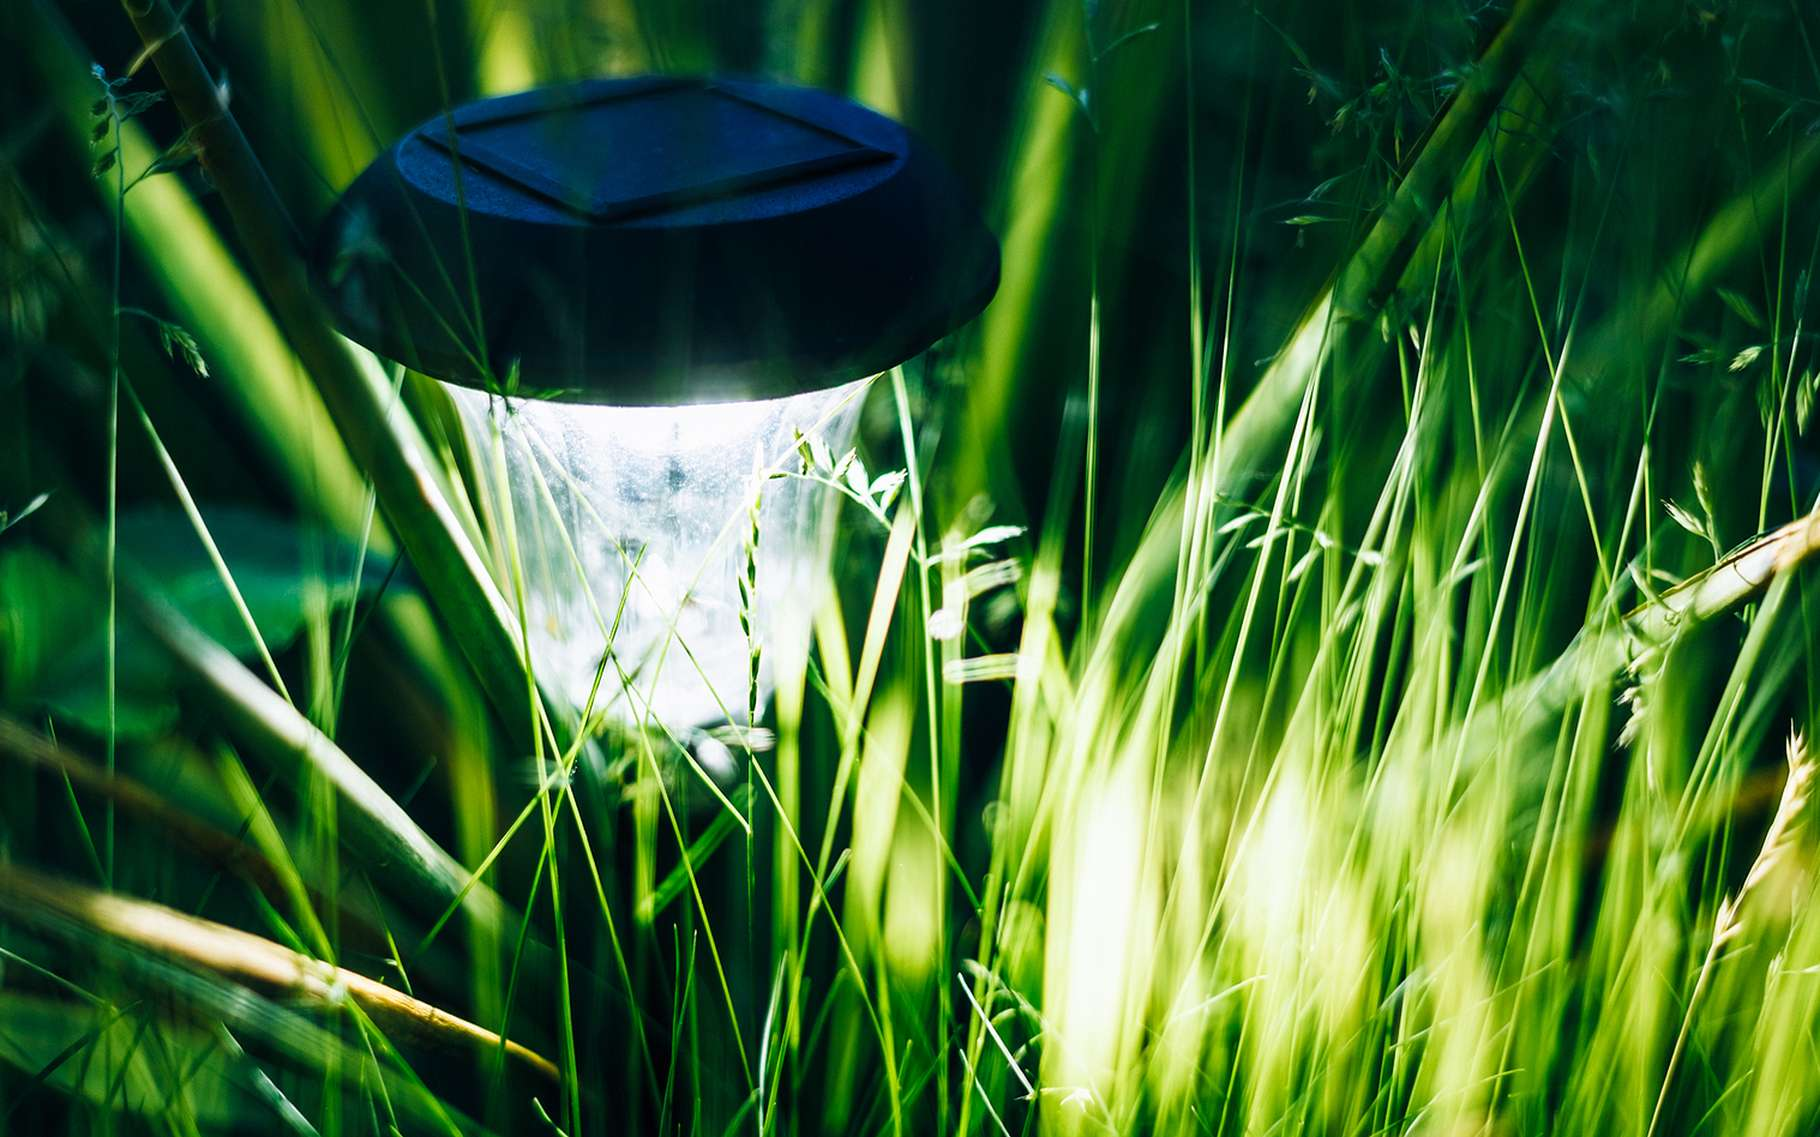 Une lampe solaire pour le jardin doit être autonome, puissante et résistante aux intempéries. © Grisha Bruev, Shutterstock